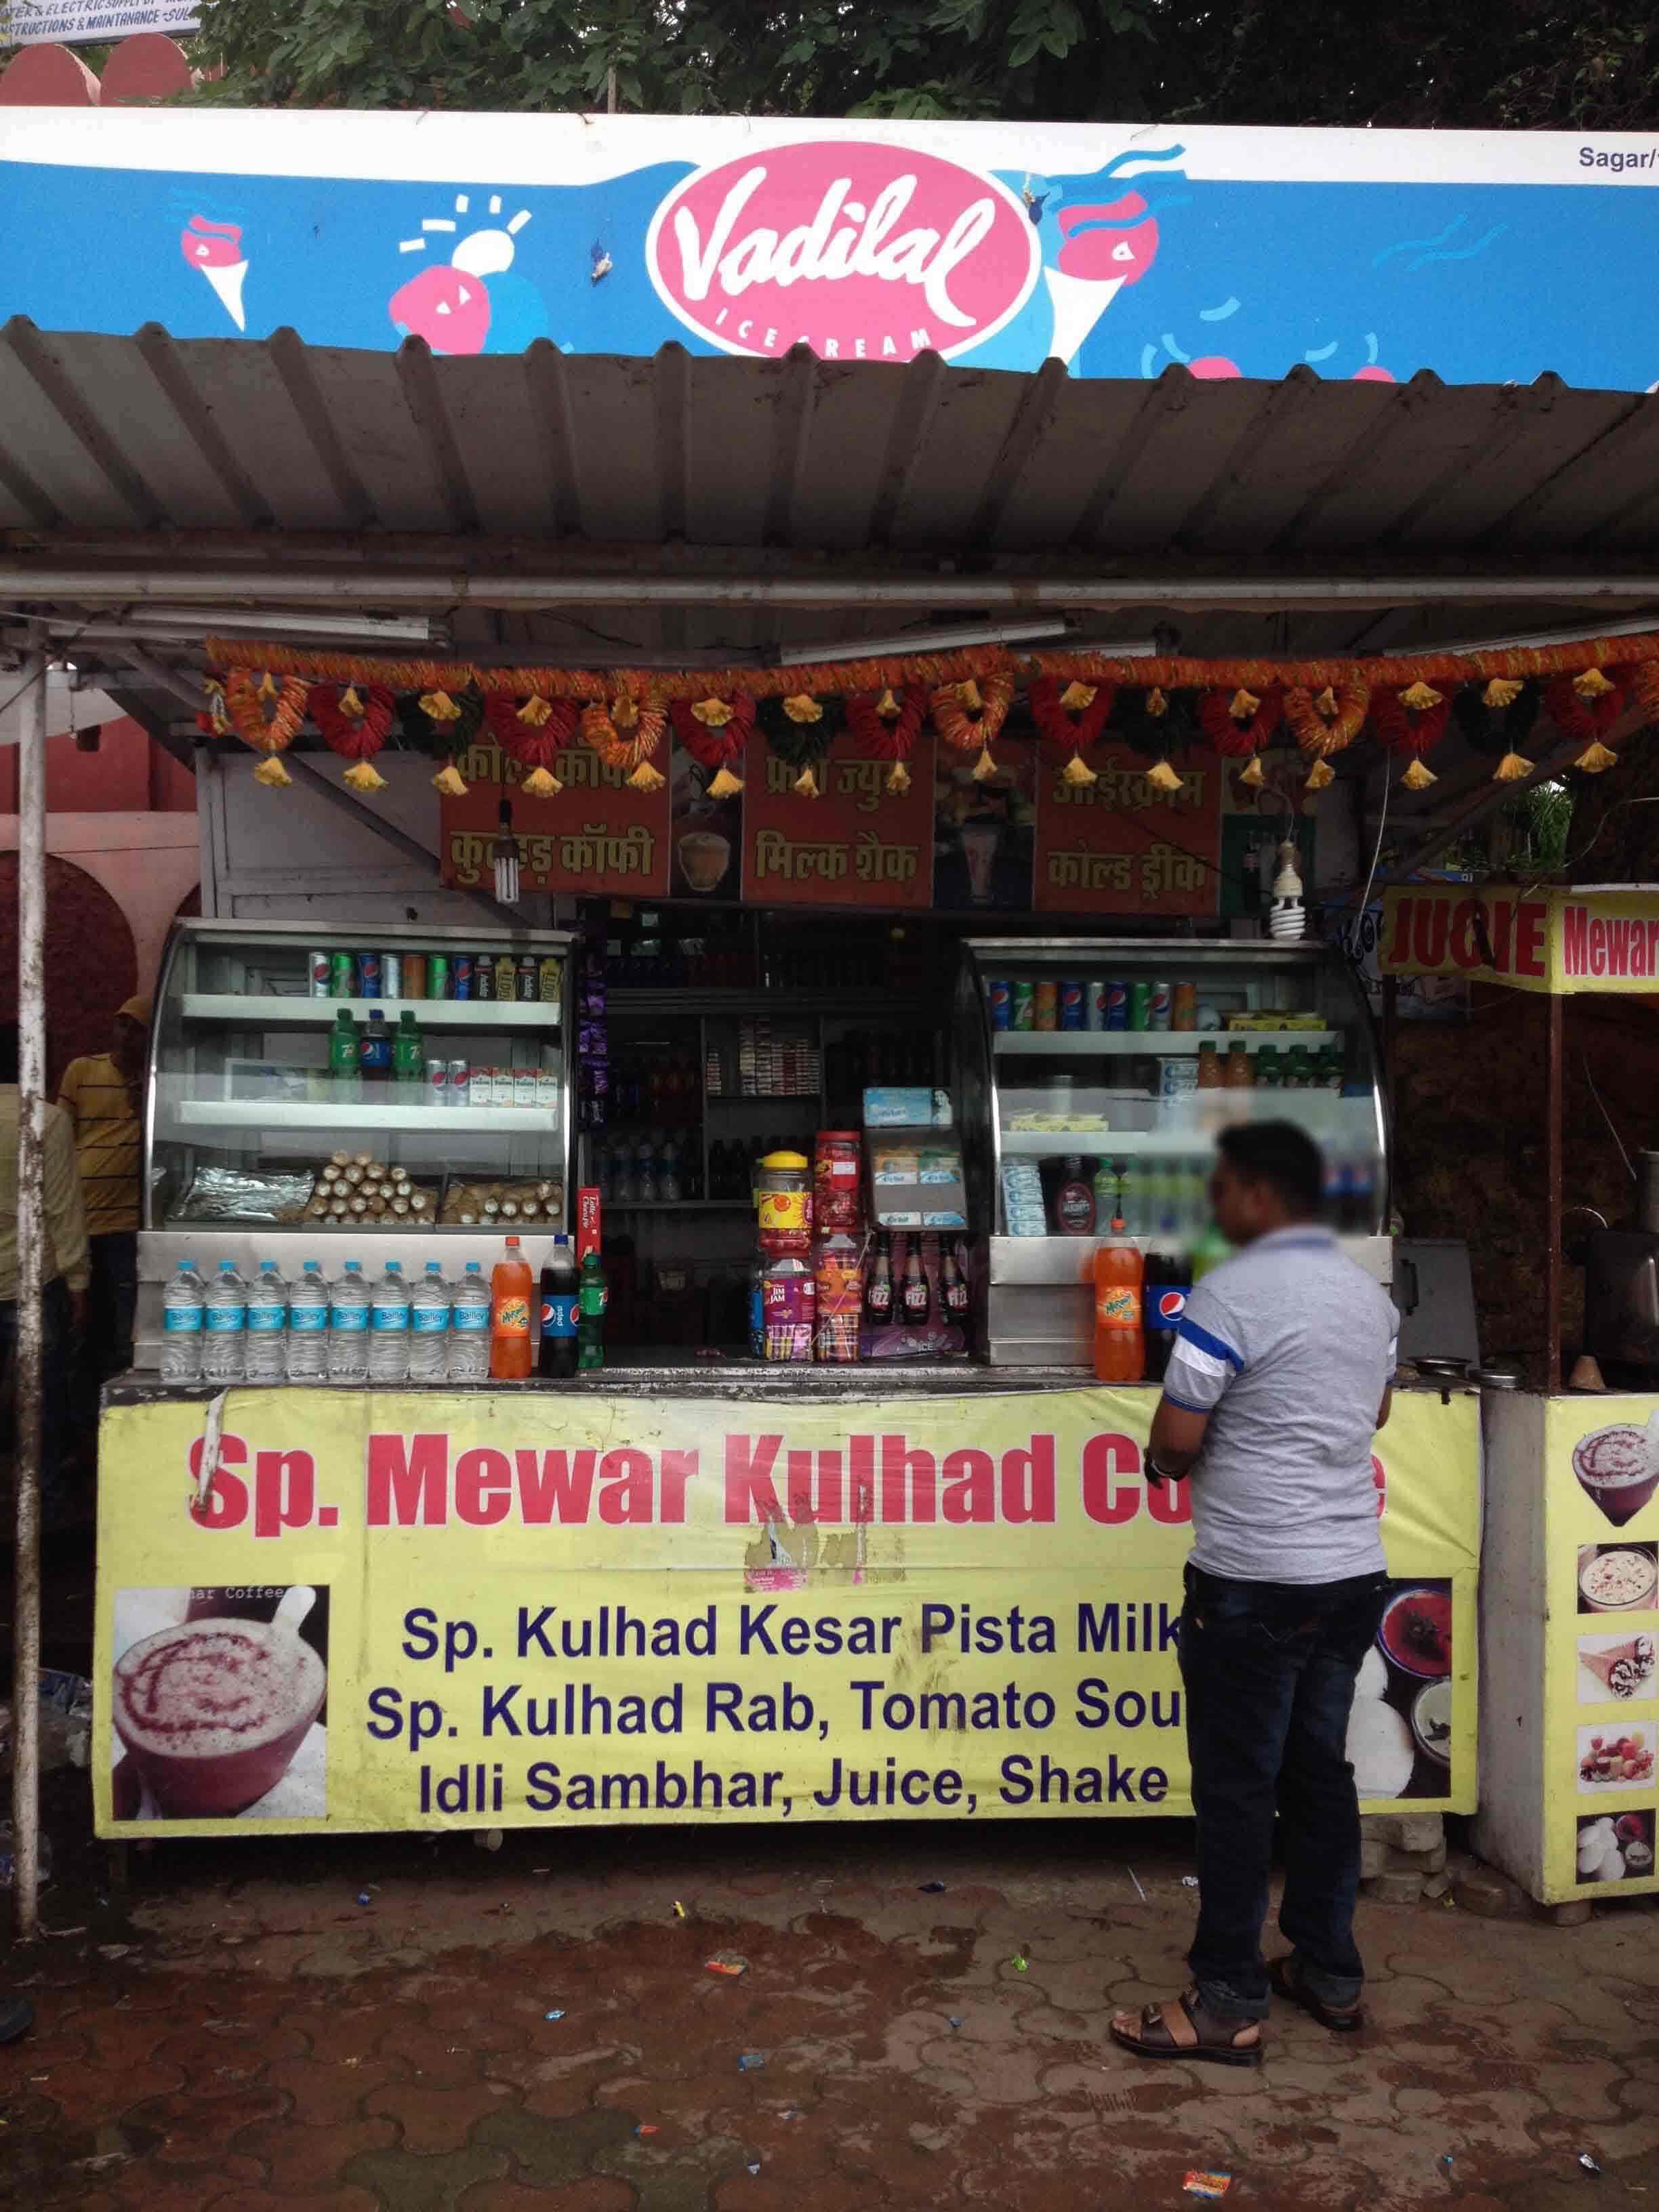 Vadilal Icecream - Fateh Sagar - Udaipur Image